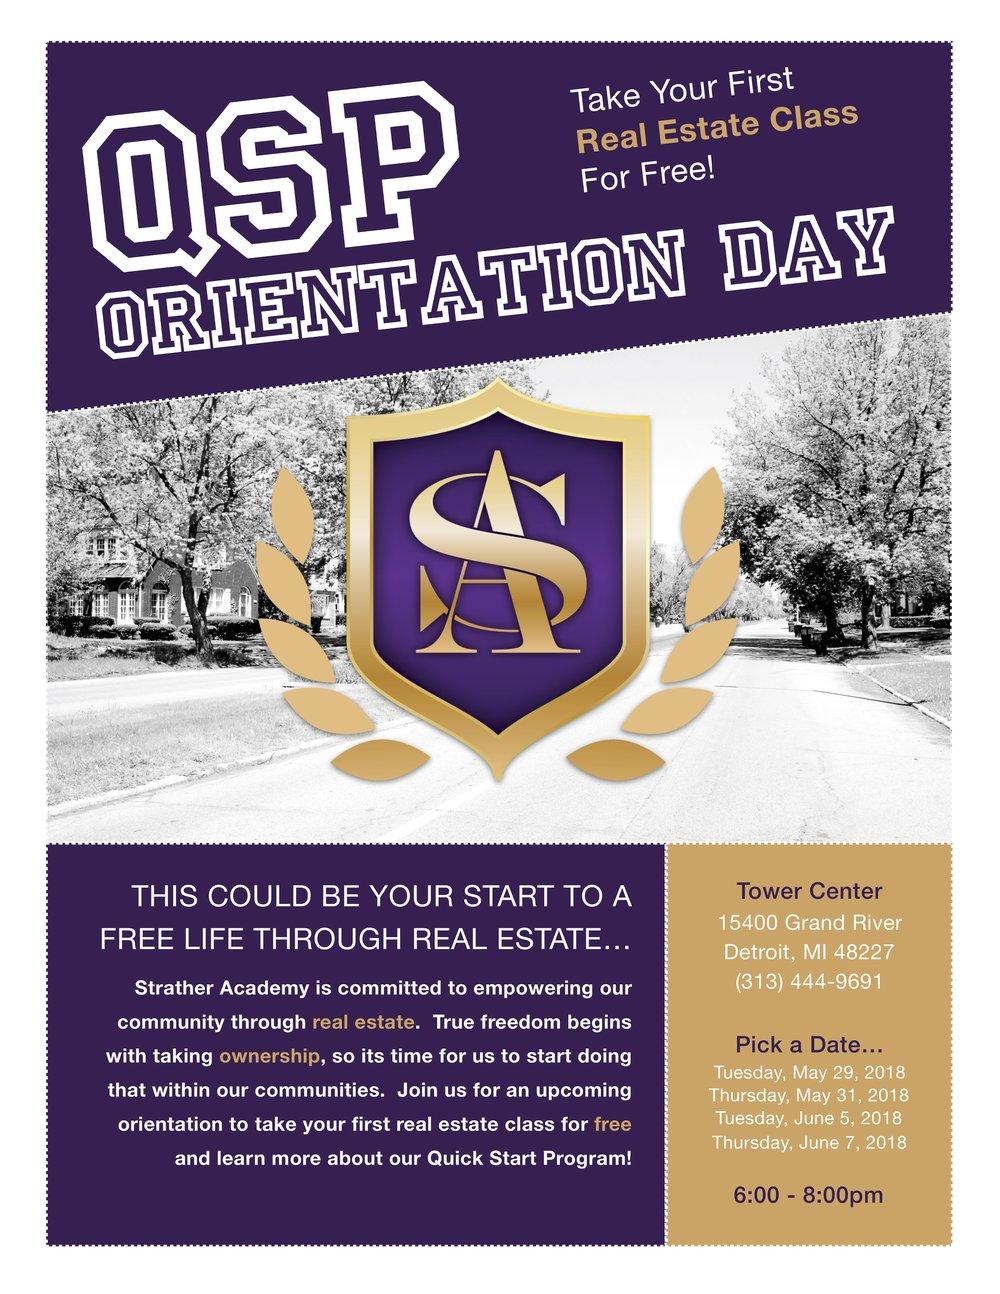 QSP Orientation Day.jpg